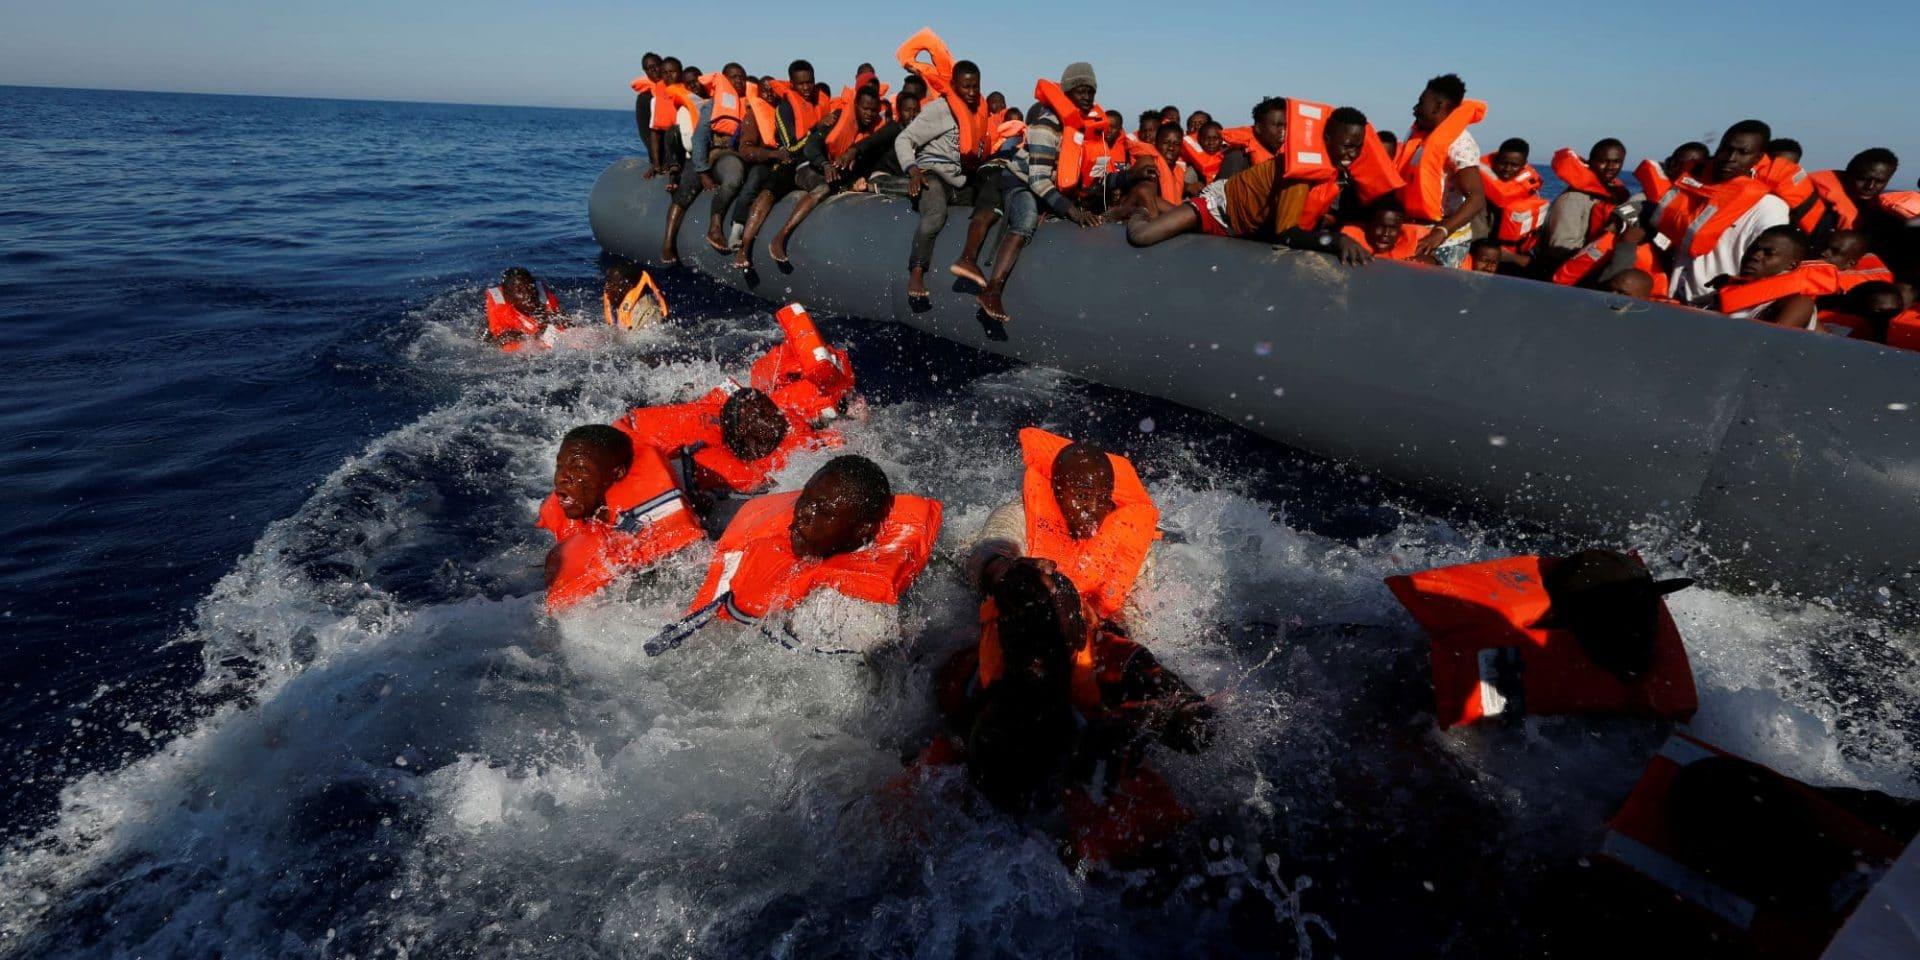 Migranti: Alarm phone, molti morti - Cronaca